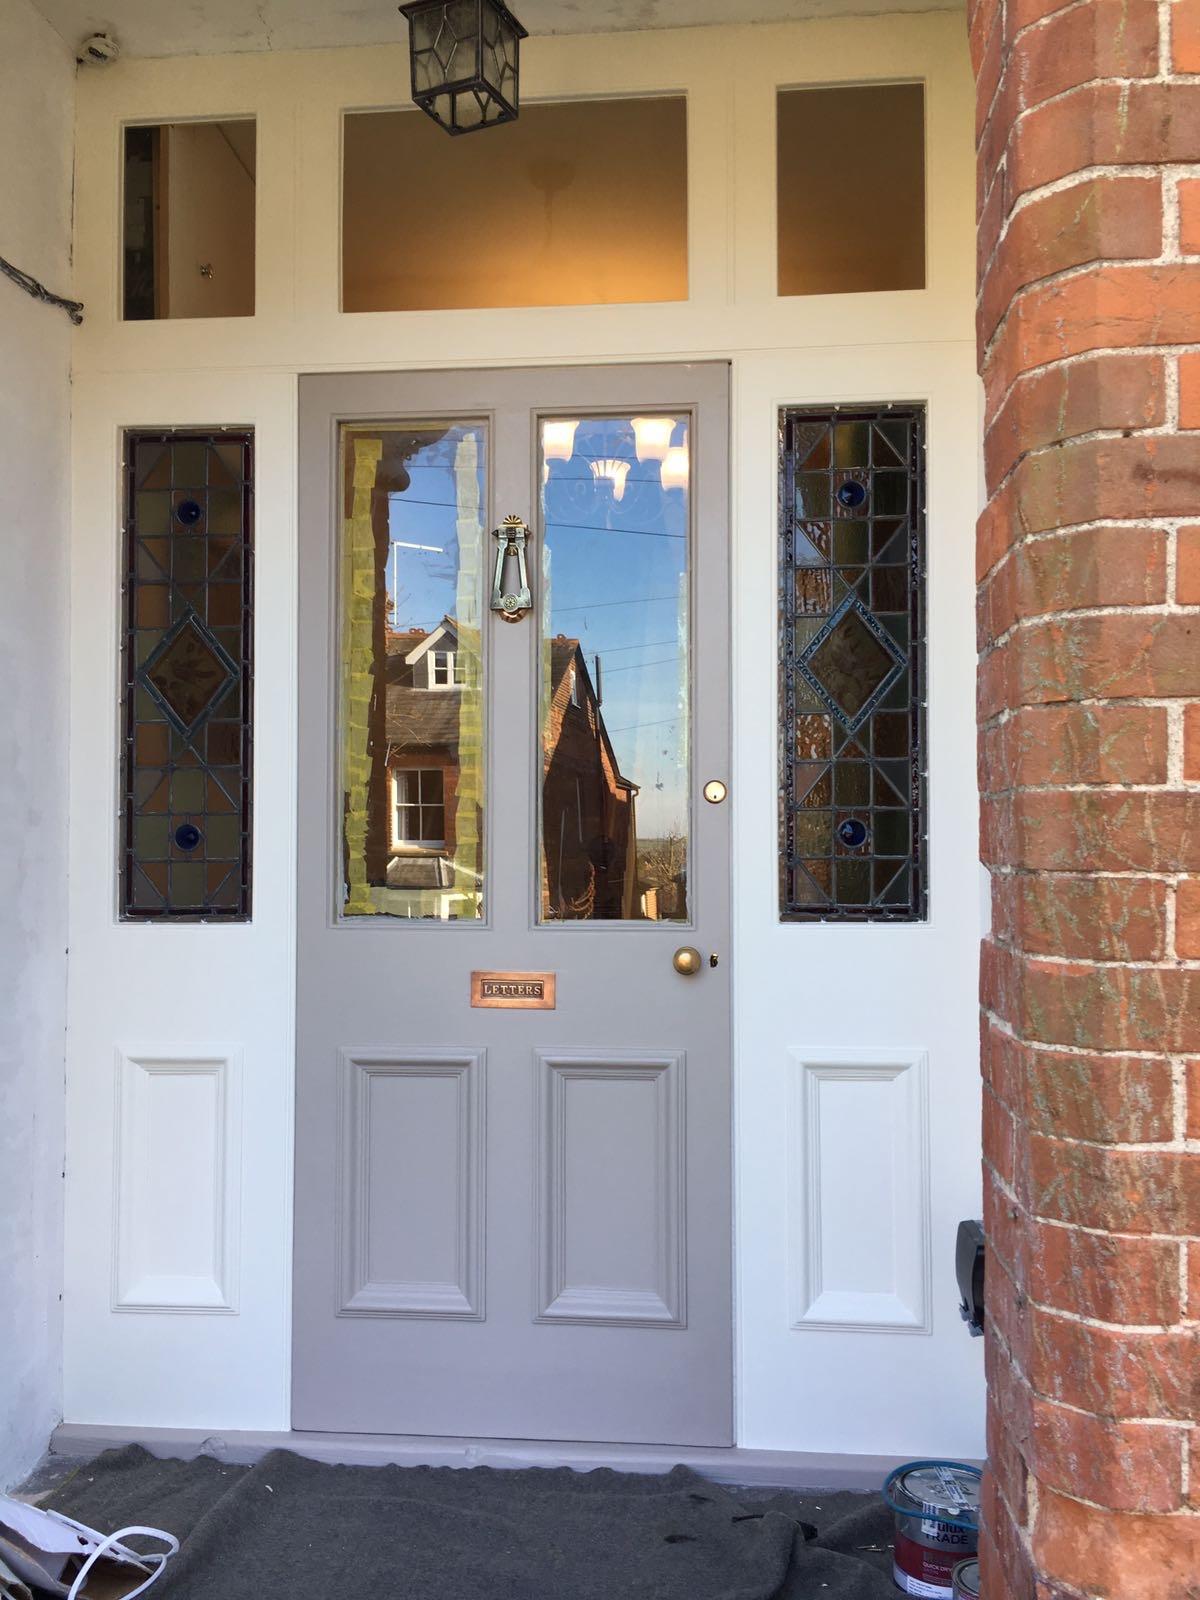 Decorating the renovated wooden door